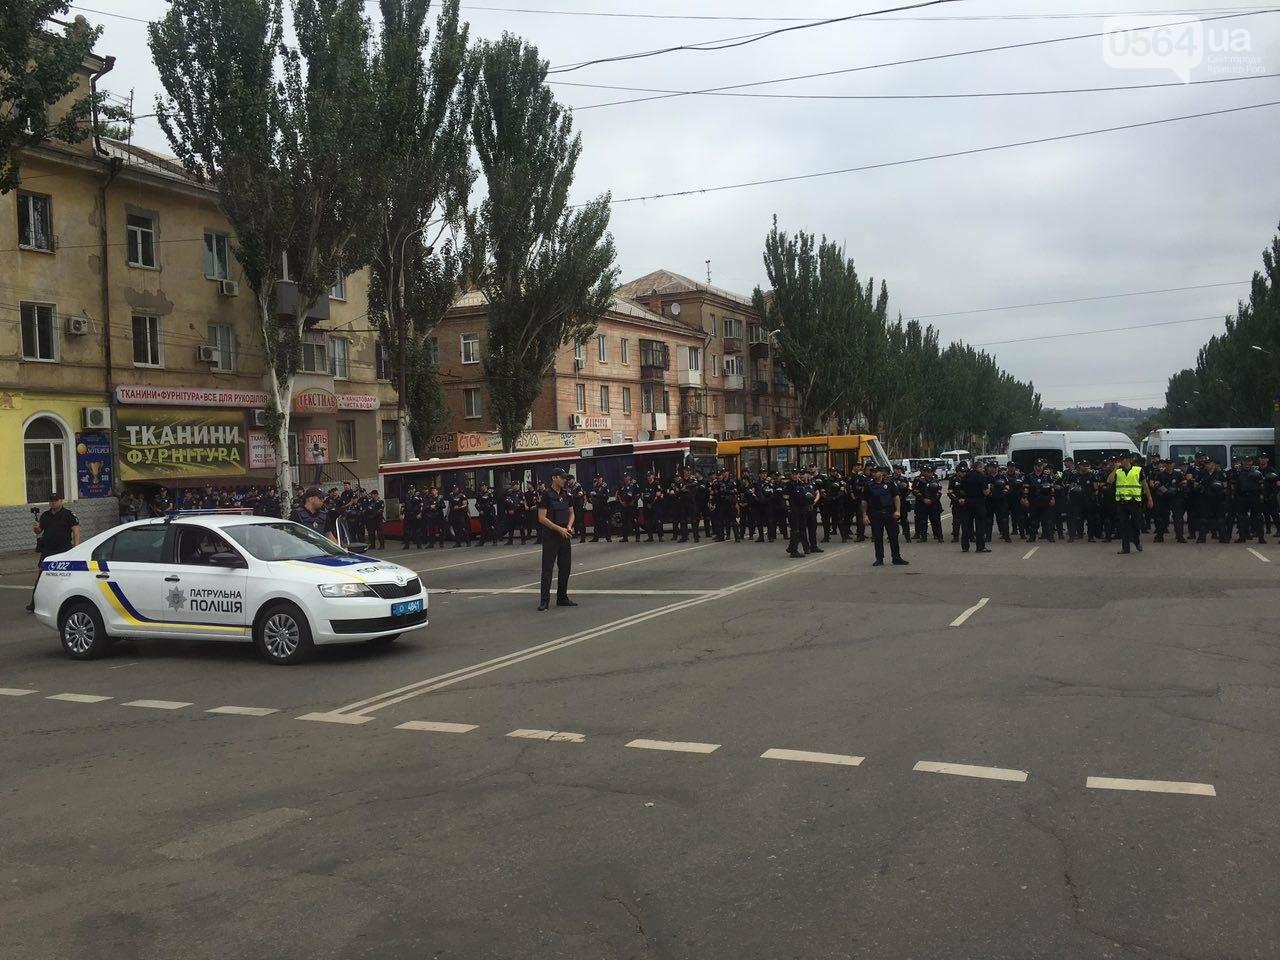 Такого Кривой Рог еще не видел: Сотни полицейских охраняли мирное шествие нескольких десятков людей, - ФОТО, фото-7